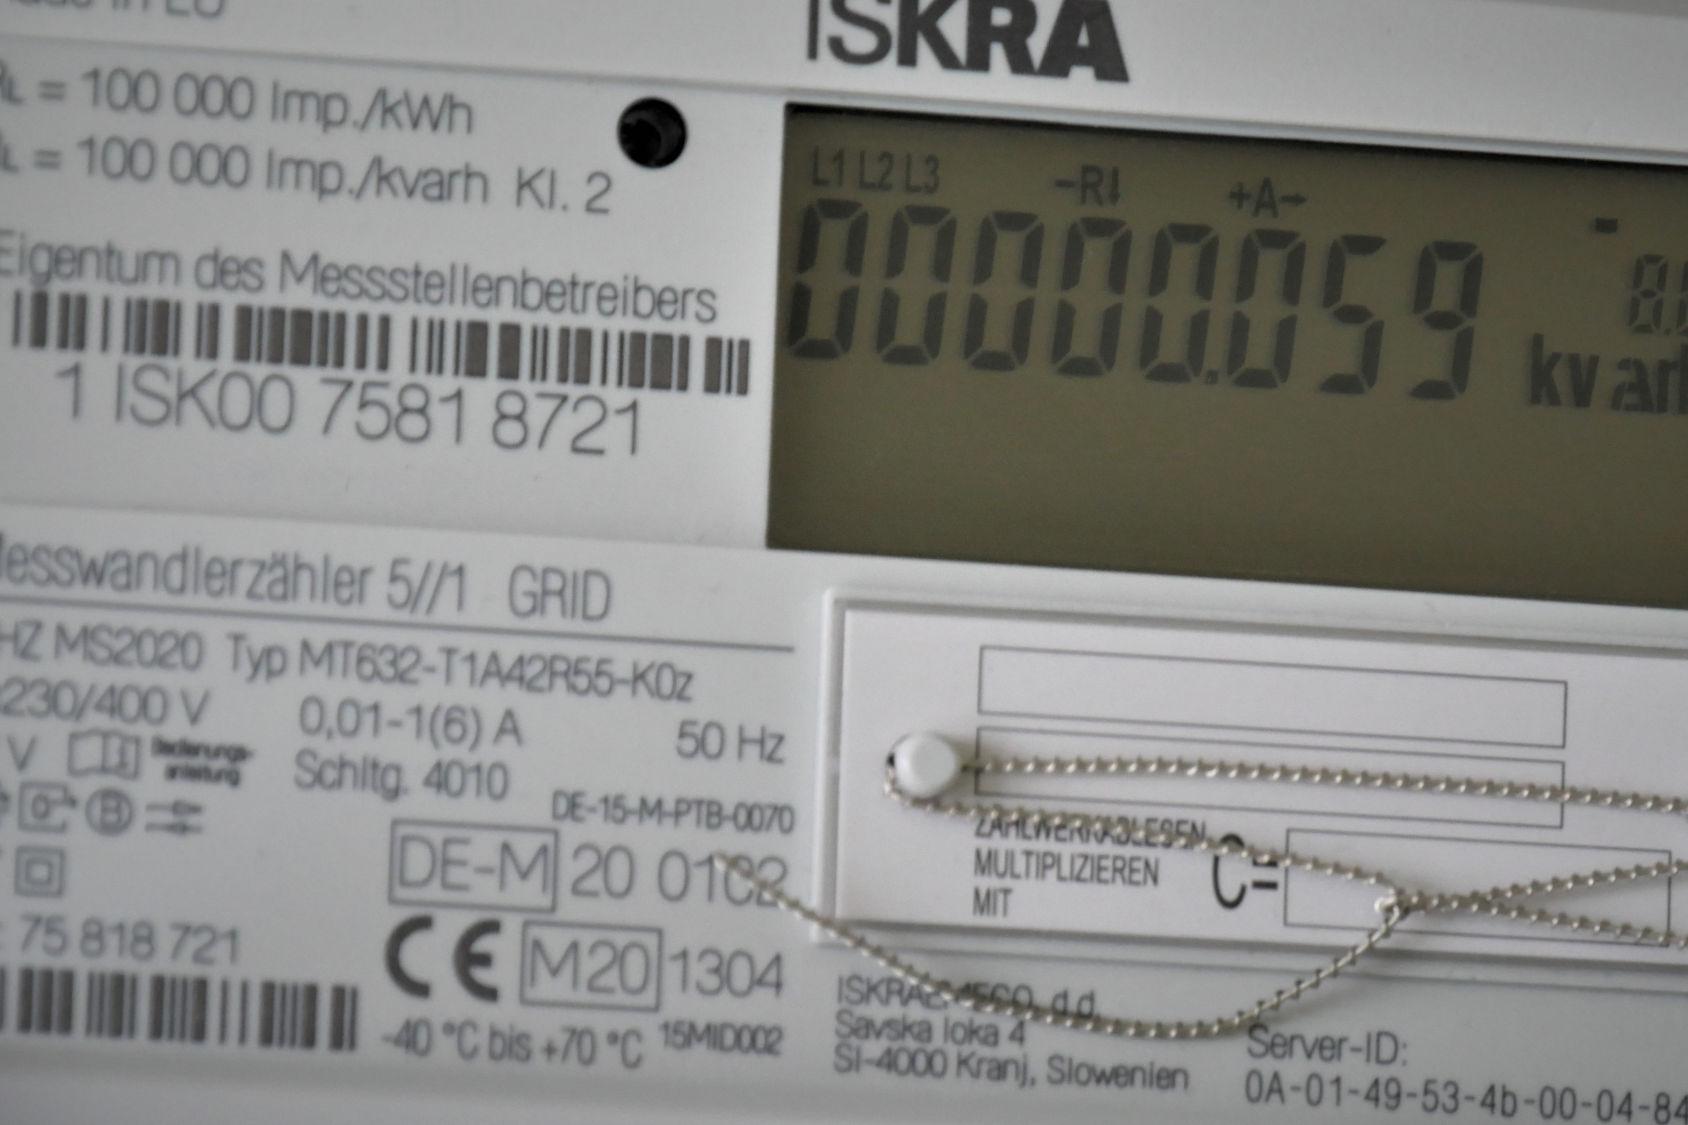 RGC Video-Tutorial: Dritte richtig bestimmen, abgrenzen, messen und melden